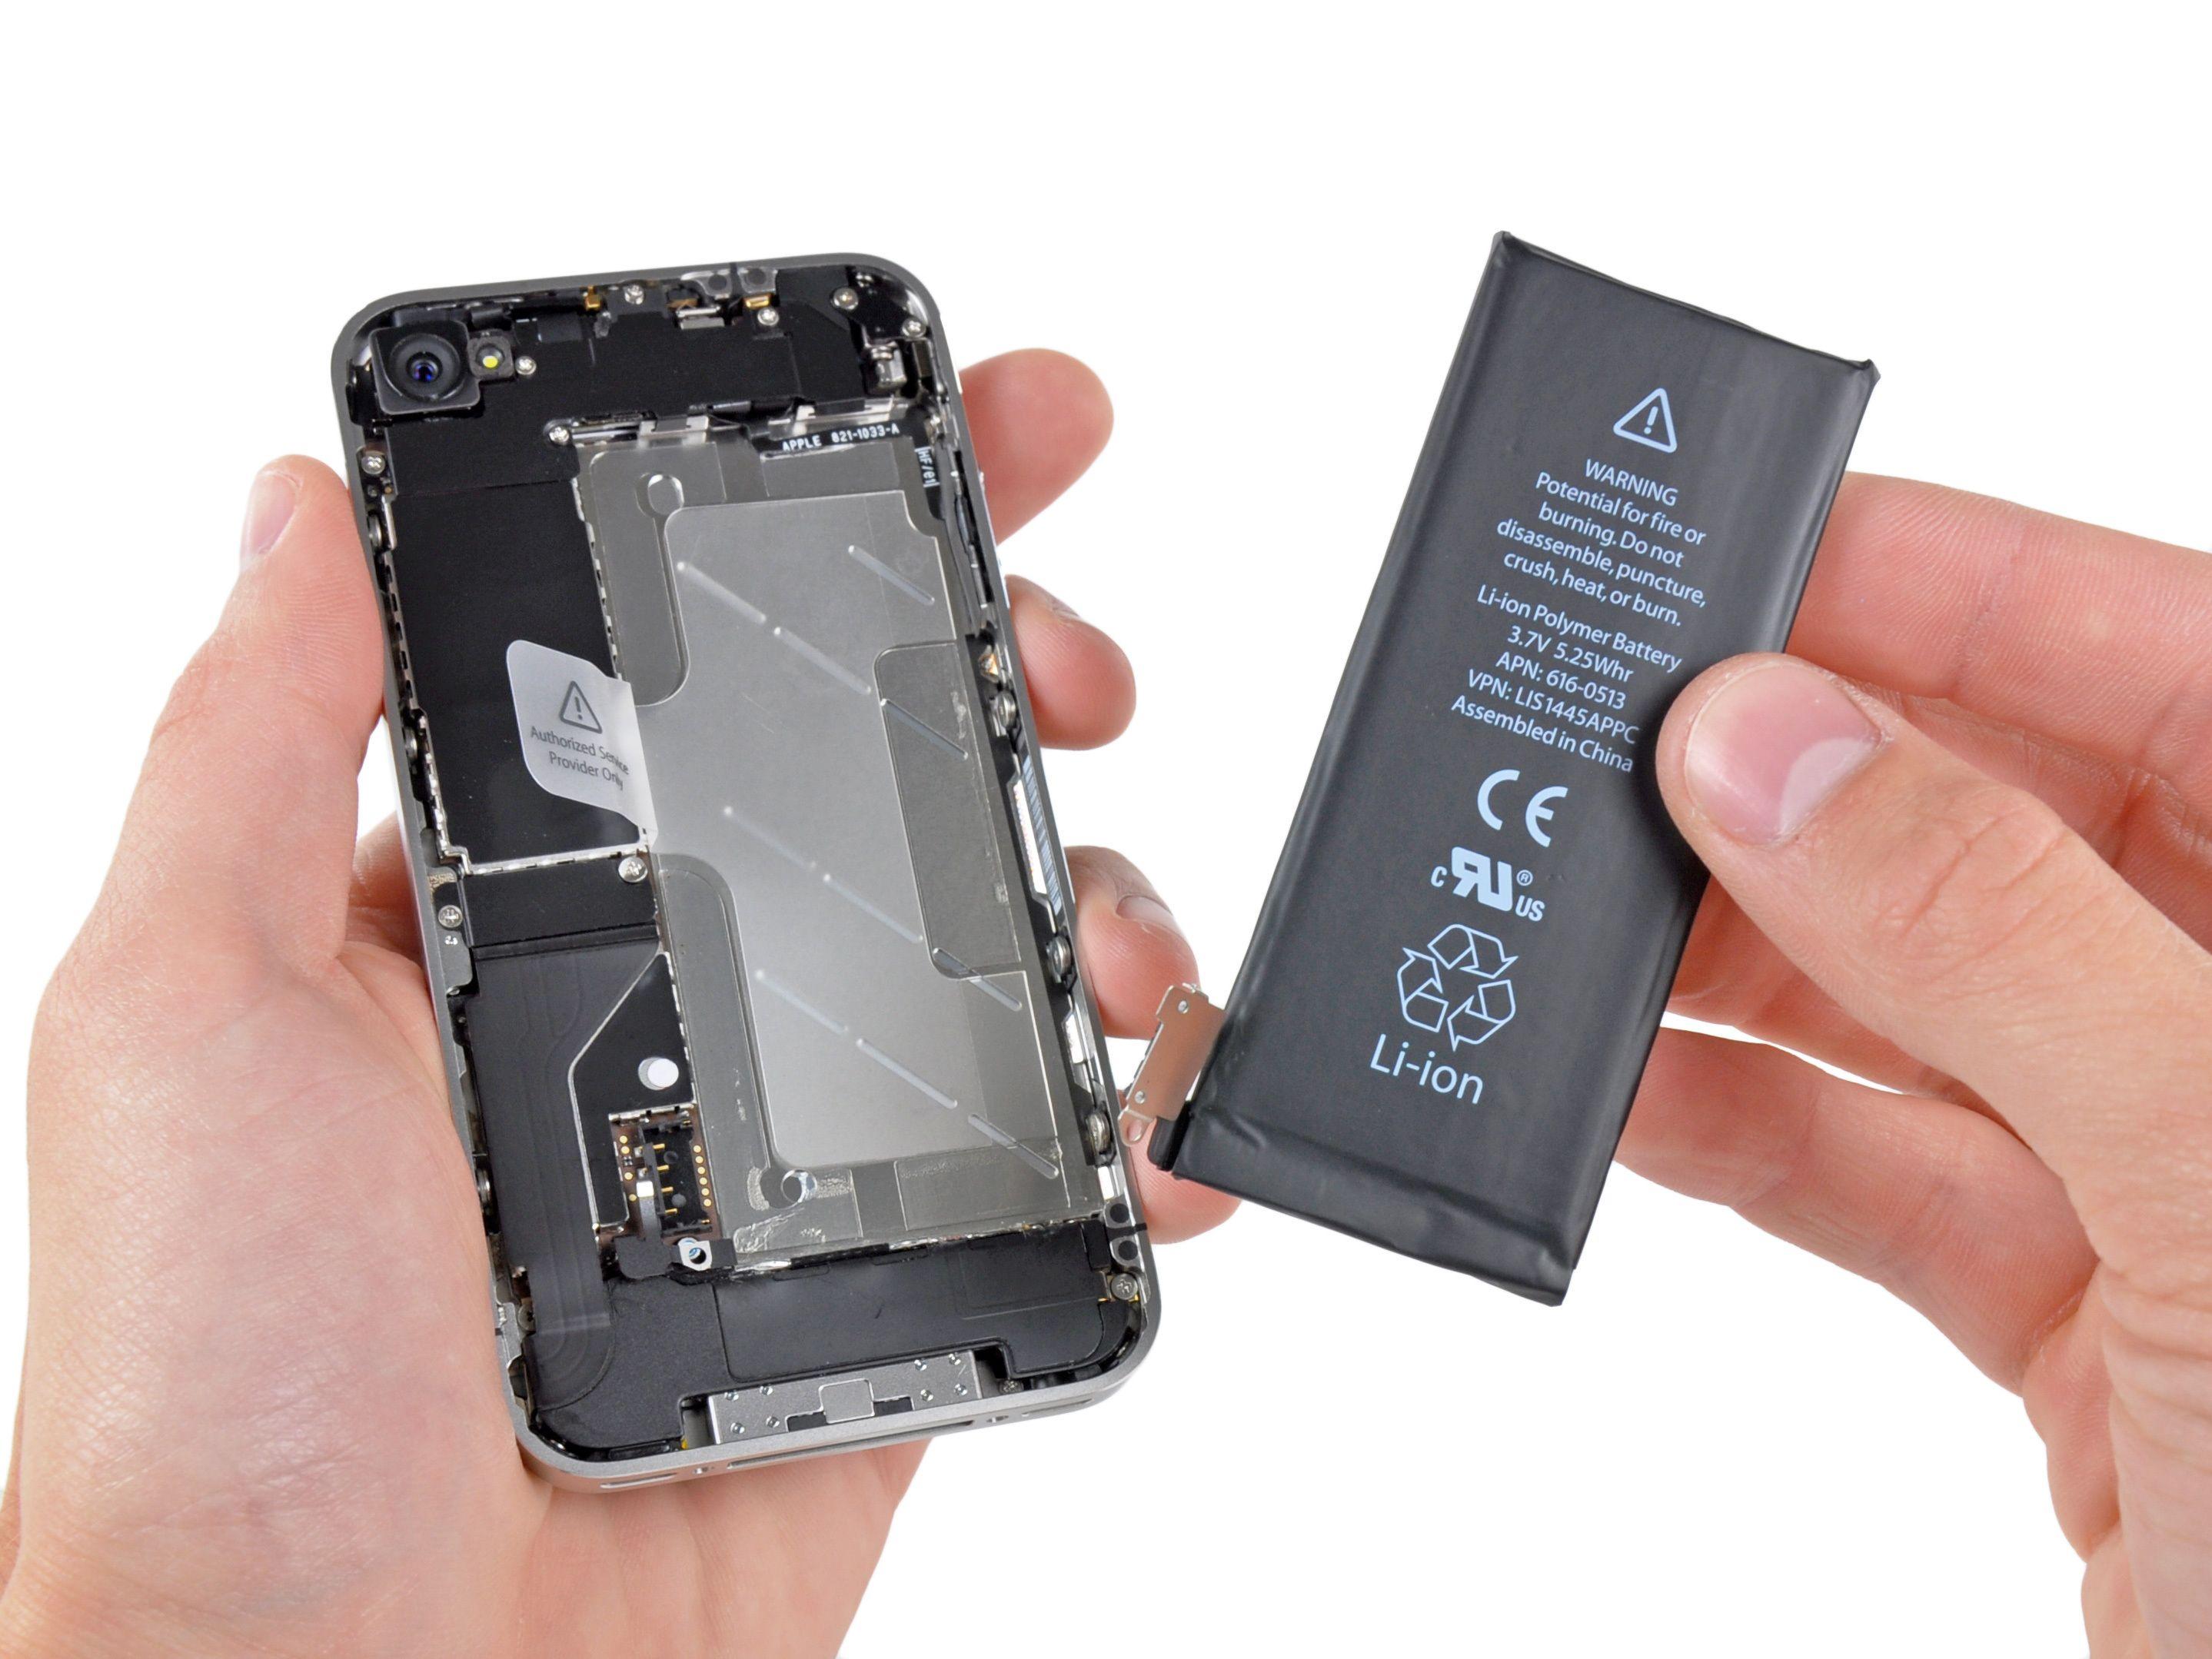 Come cambiare batteria iPhone 4, 4S, 5, 5S, 5C, 6, 6S ...